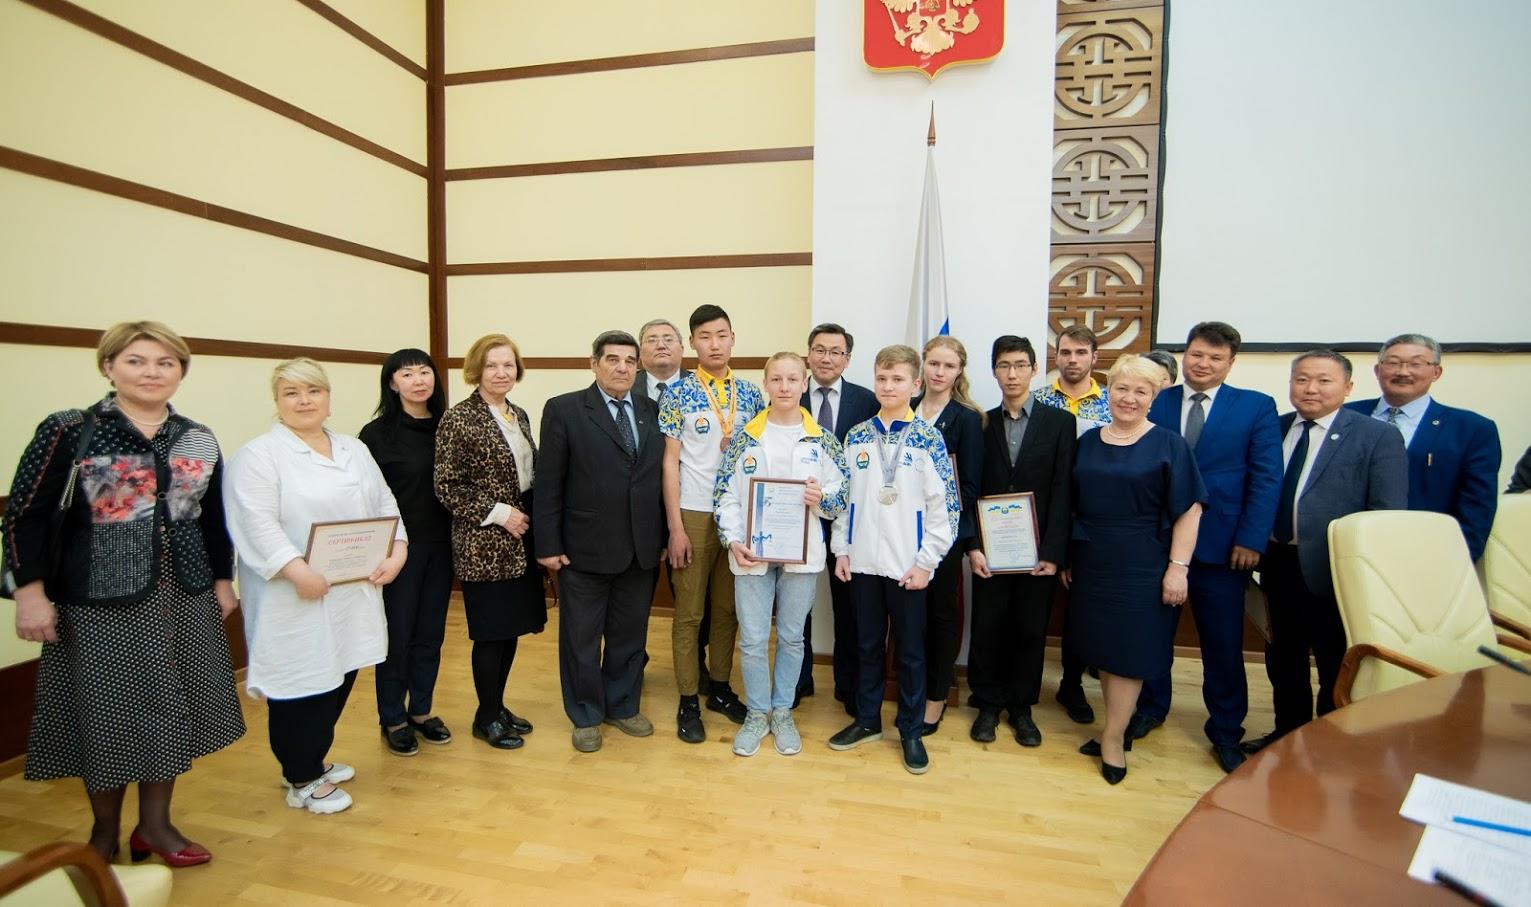 В Бурятии чествовали победителей чемпионата «Молодые профессионалы» (WorldSkills Russia)